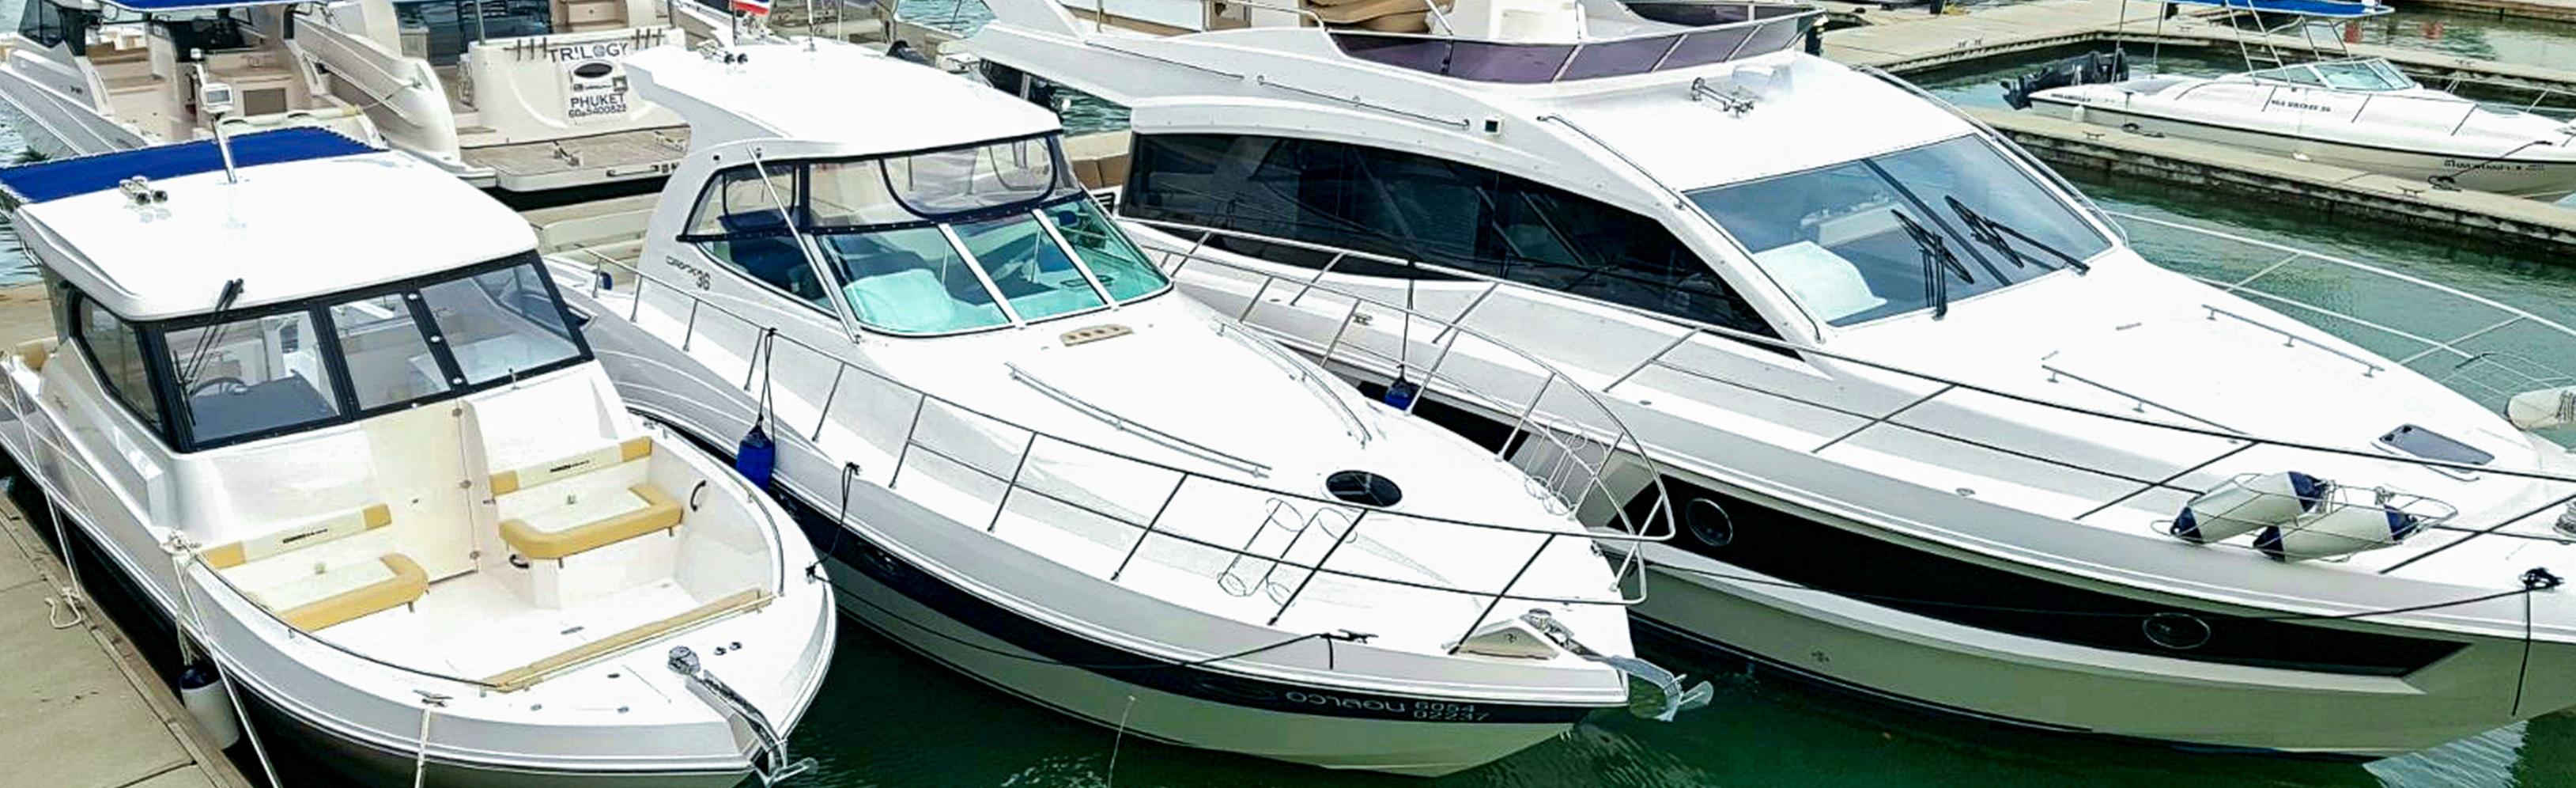 Gulf-Craft---Phuket-Rendezvous.jpg